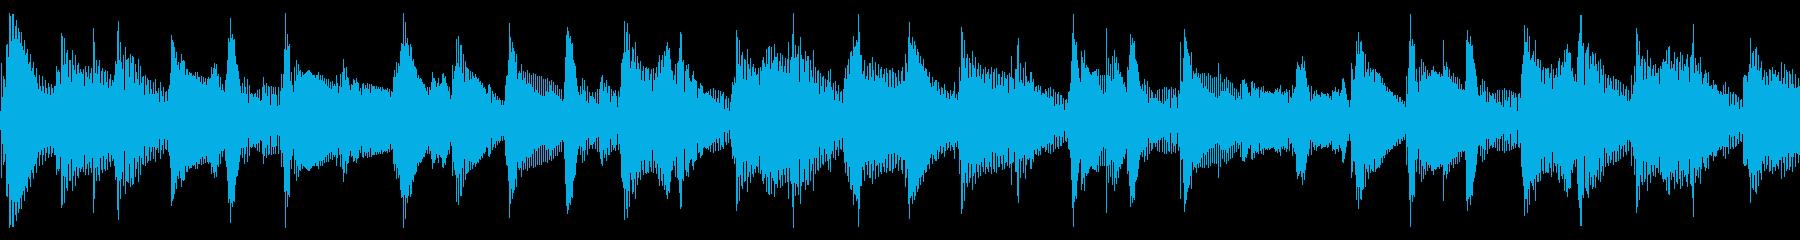 少し怪しげなジャズサウンドの再生済みの波形